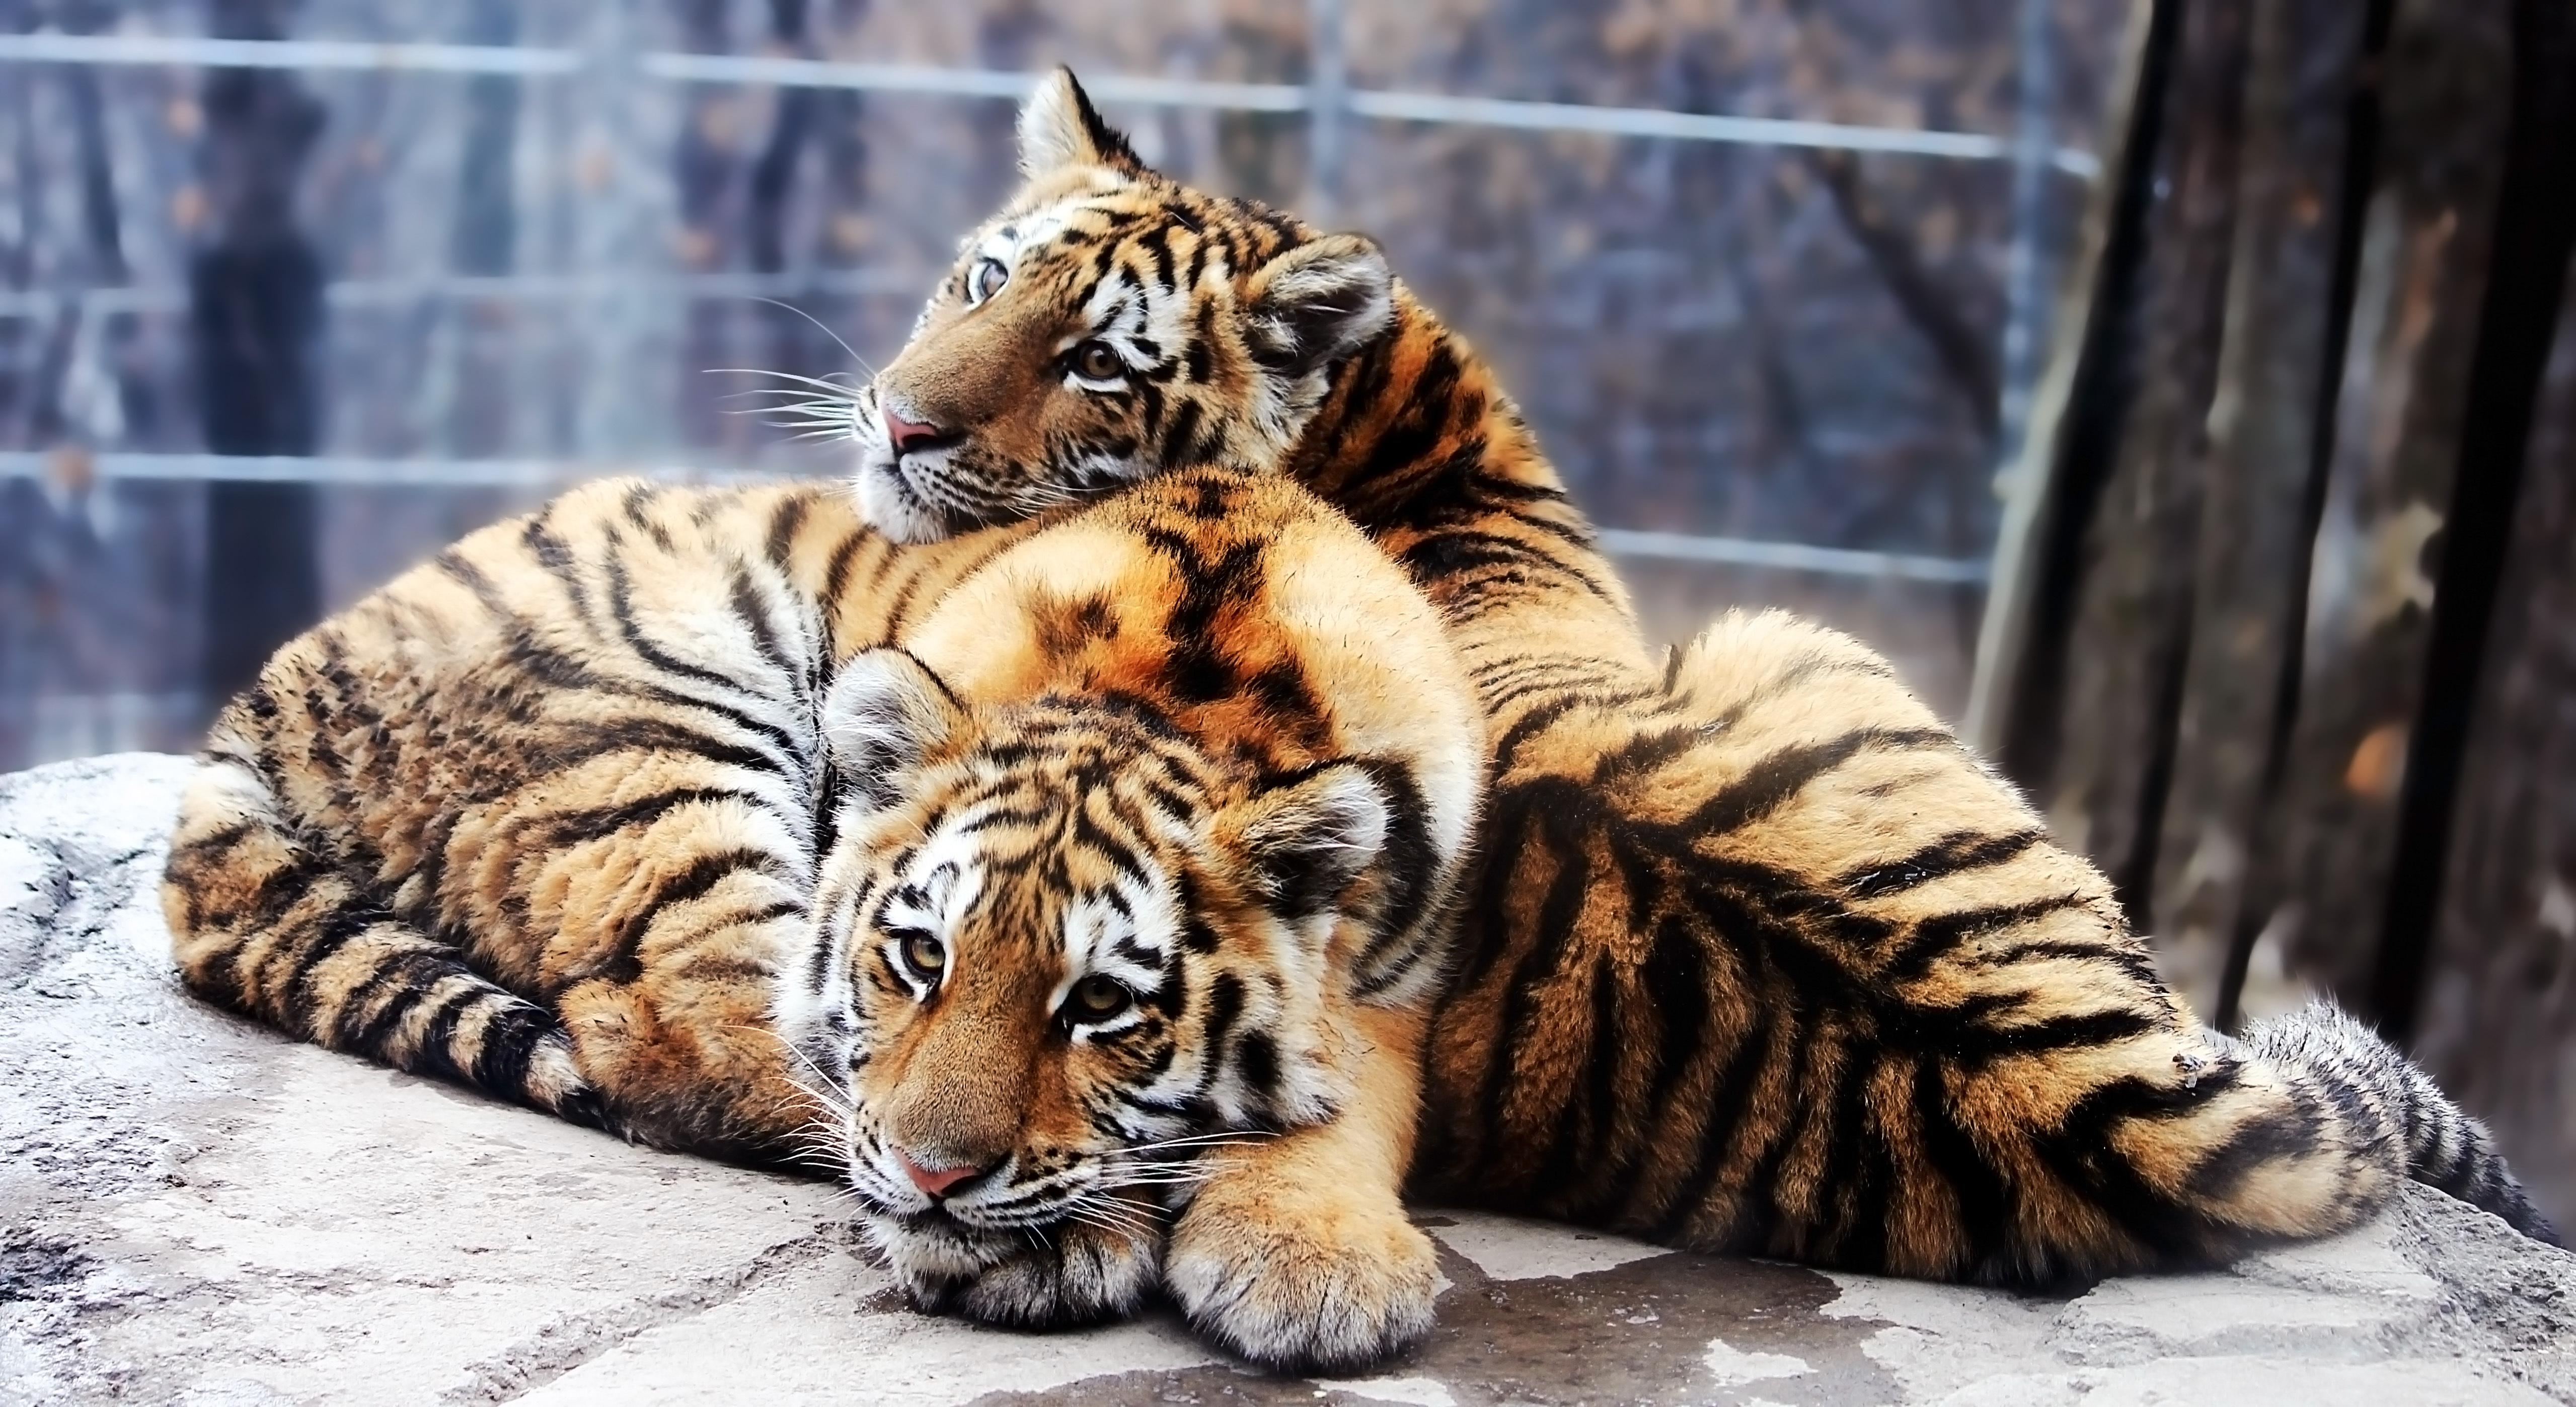 Животные Обои На Телефон HD